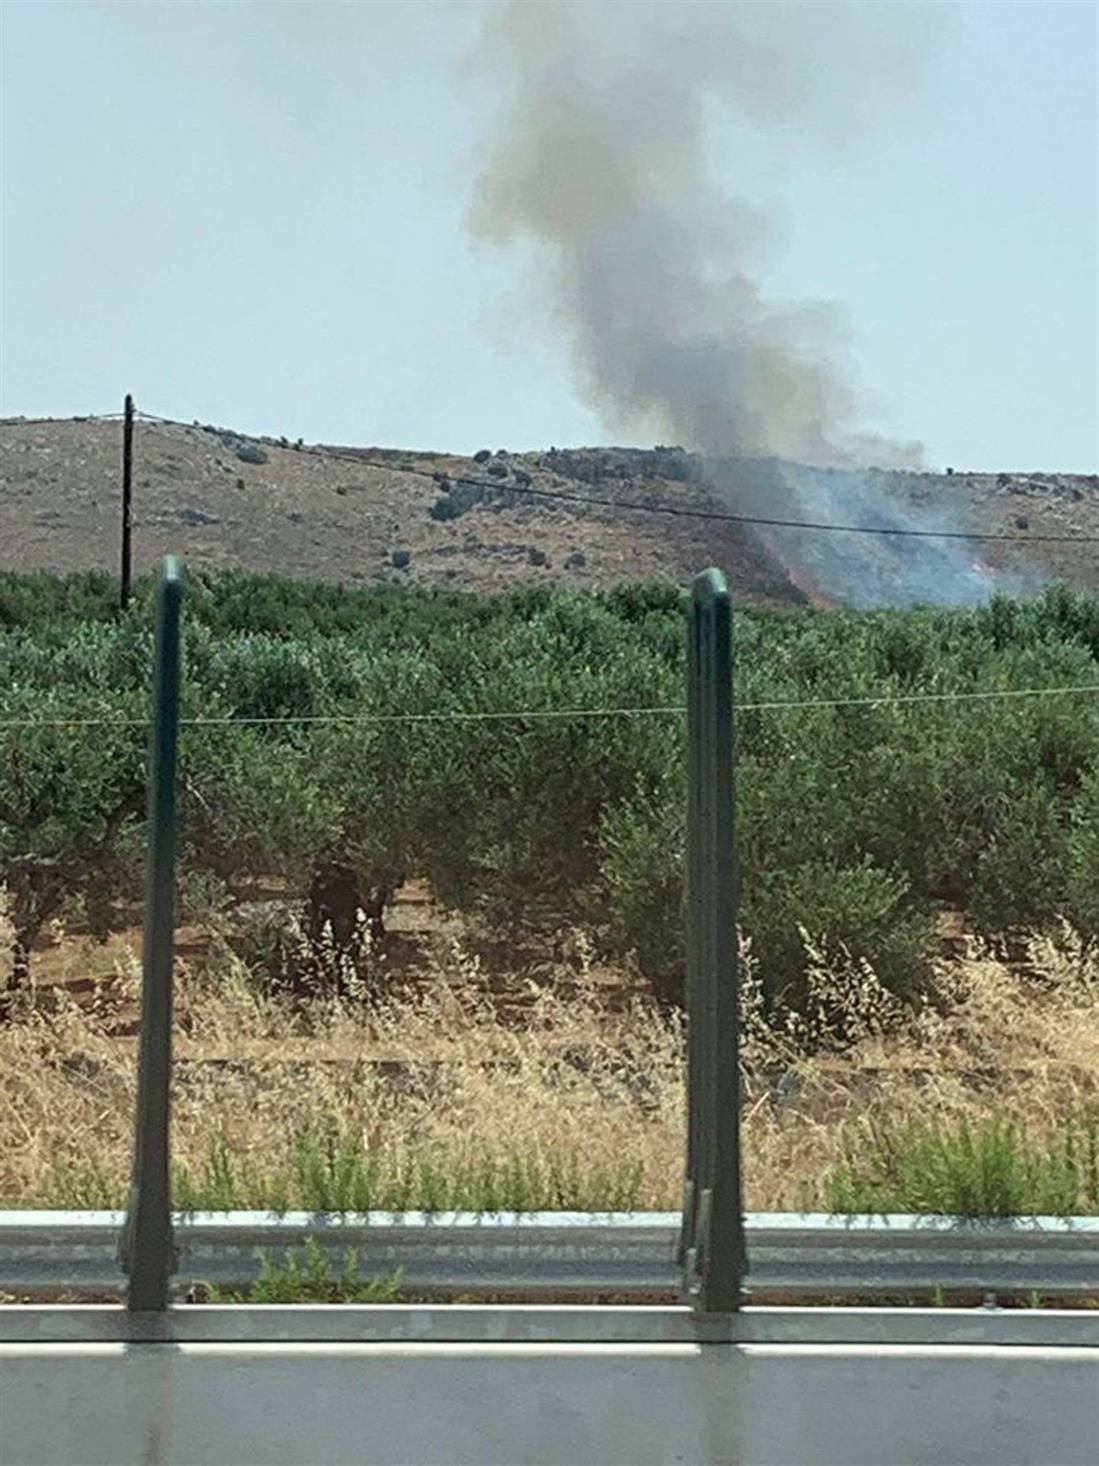 φωτιά - Γούβες -  Ηράκλειο - Κρήτη - πεδίο βολής